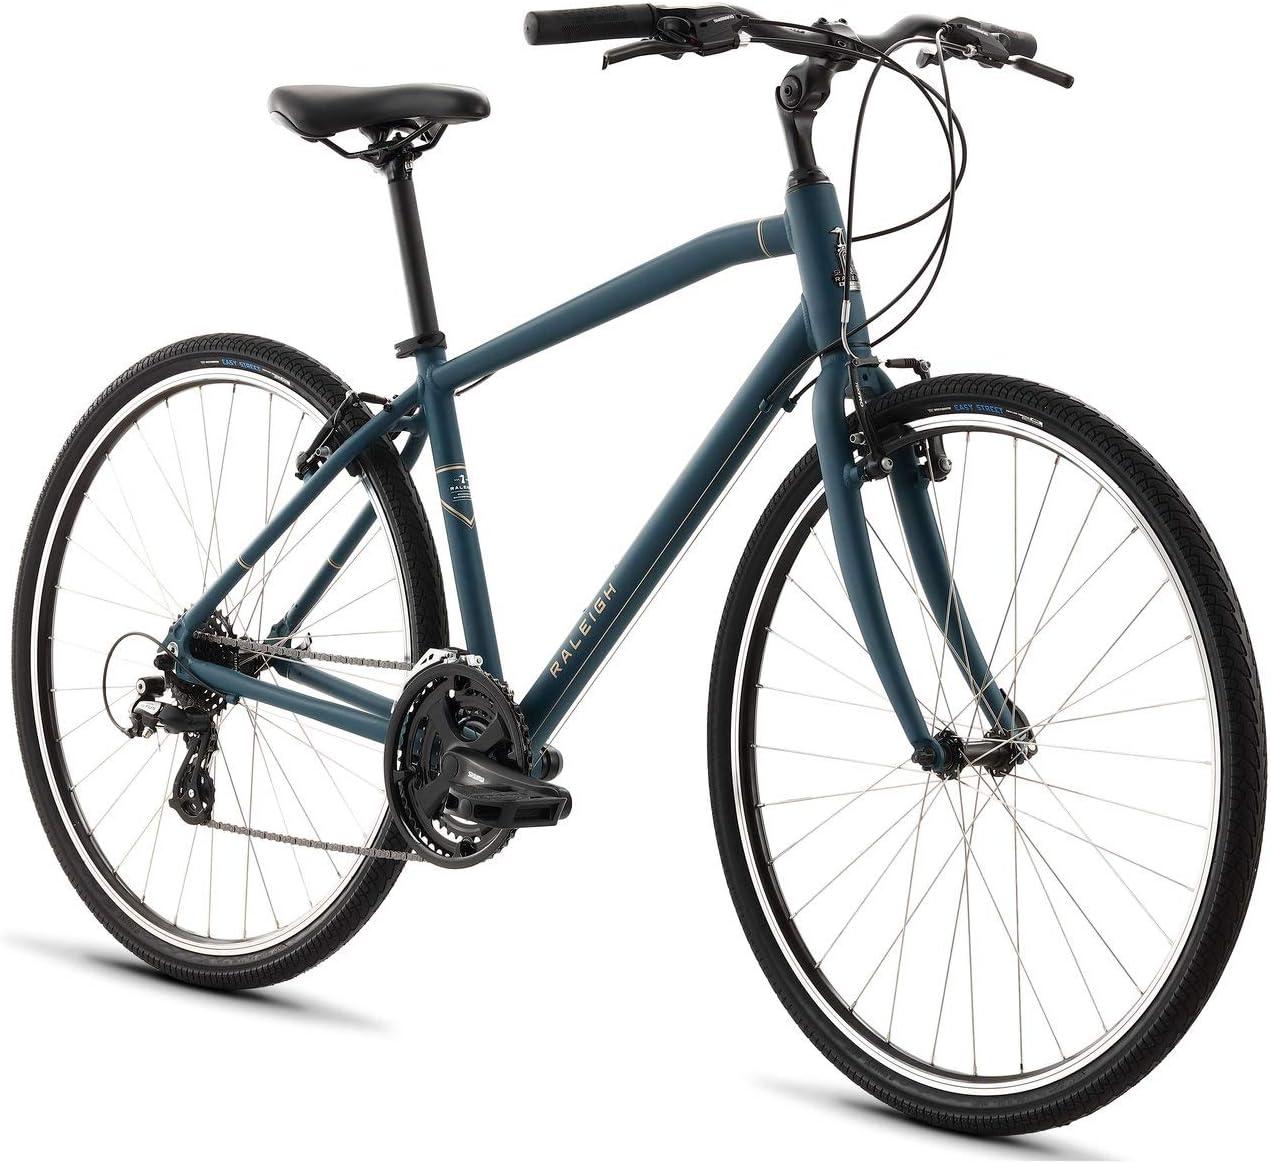 Raleigh Detour 2 Hybrid Bike for Men